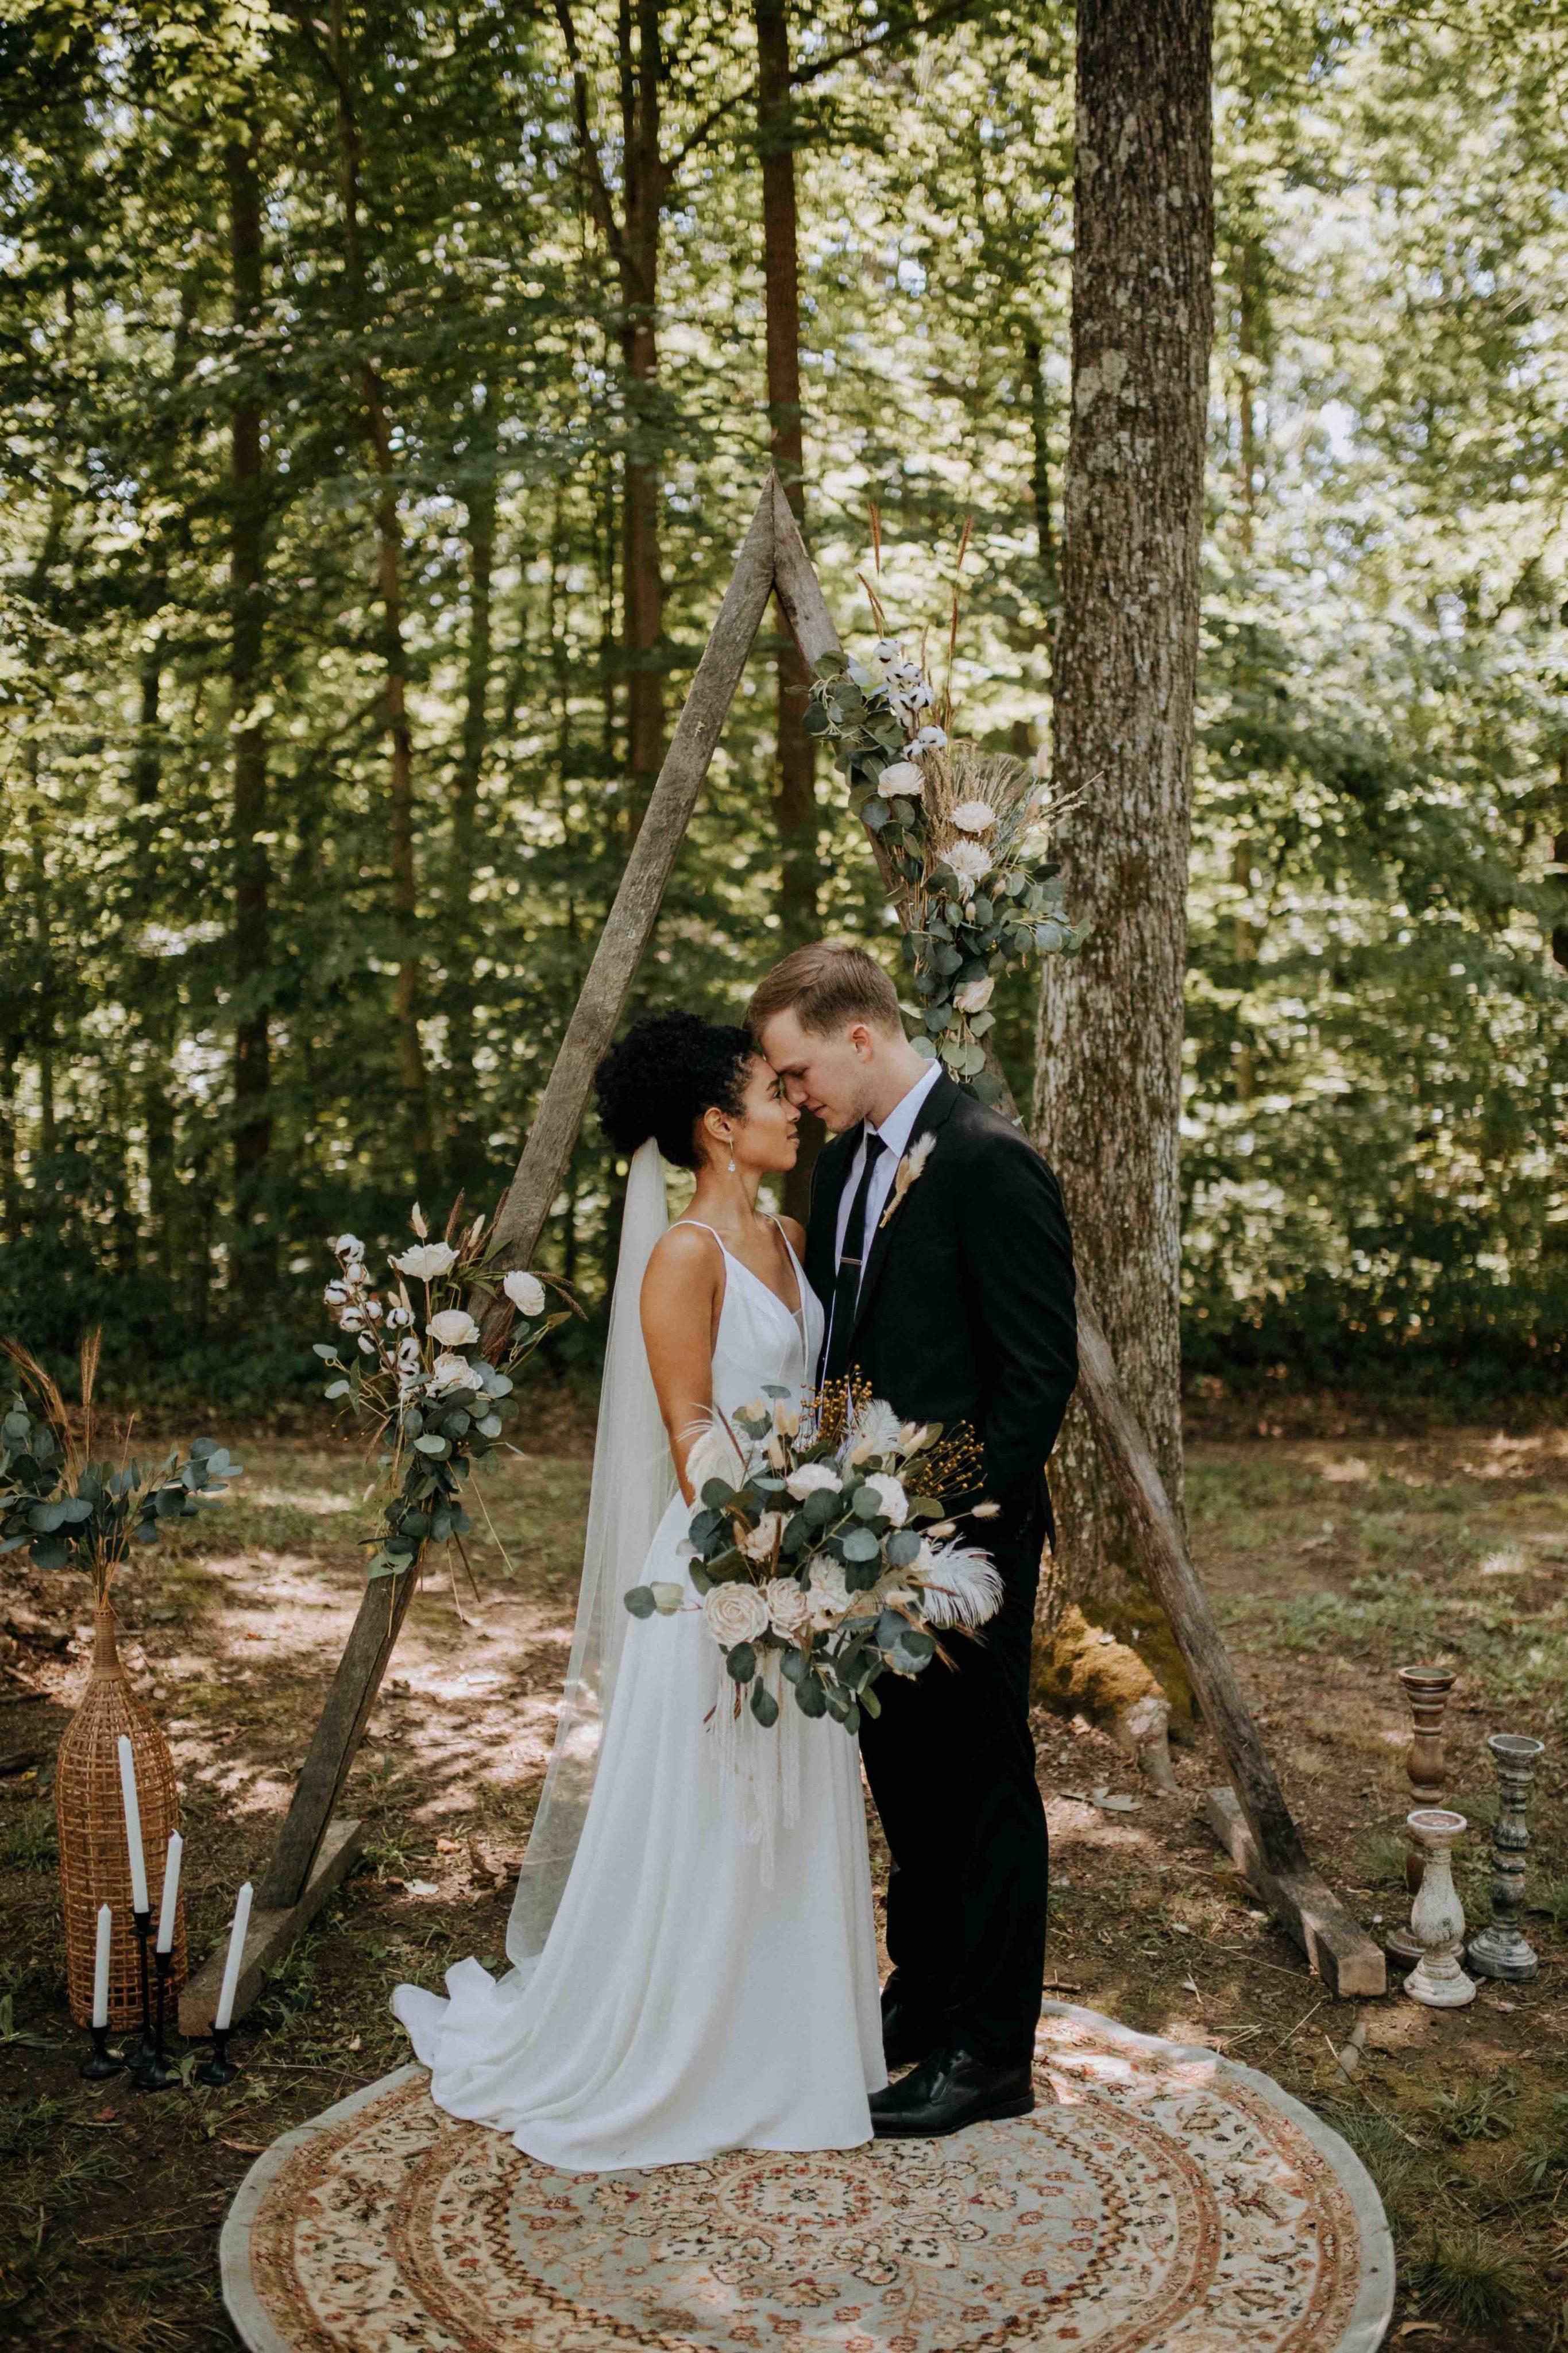 Bride and Groom under wedding ceremony arch